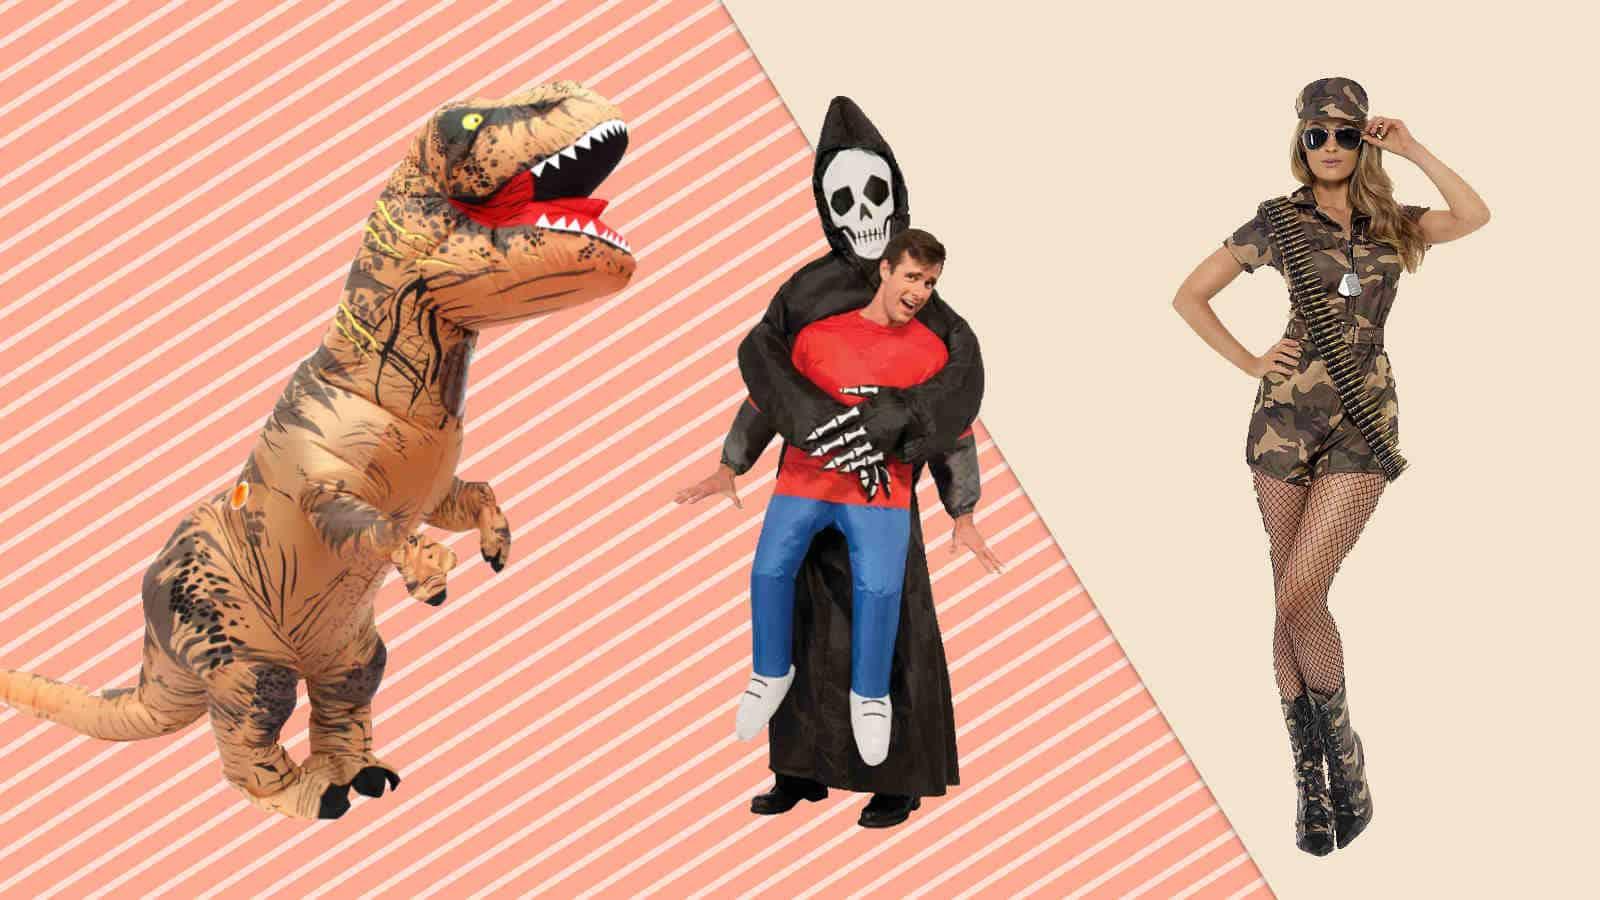 Halloween Kostüme- Die 15 beliebtesten Kostüme für Halloween 2019